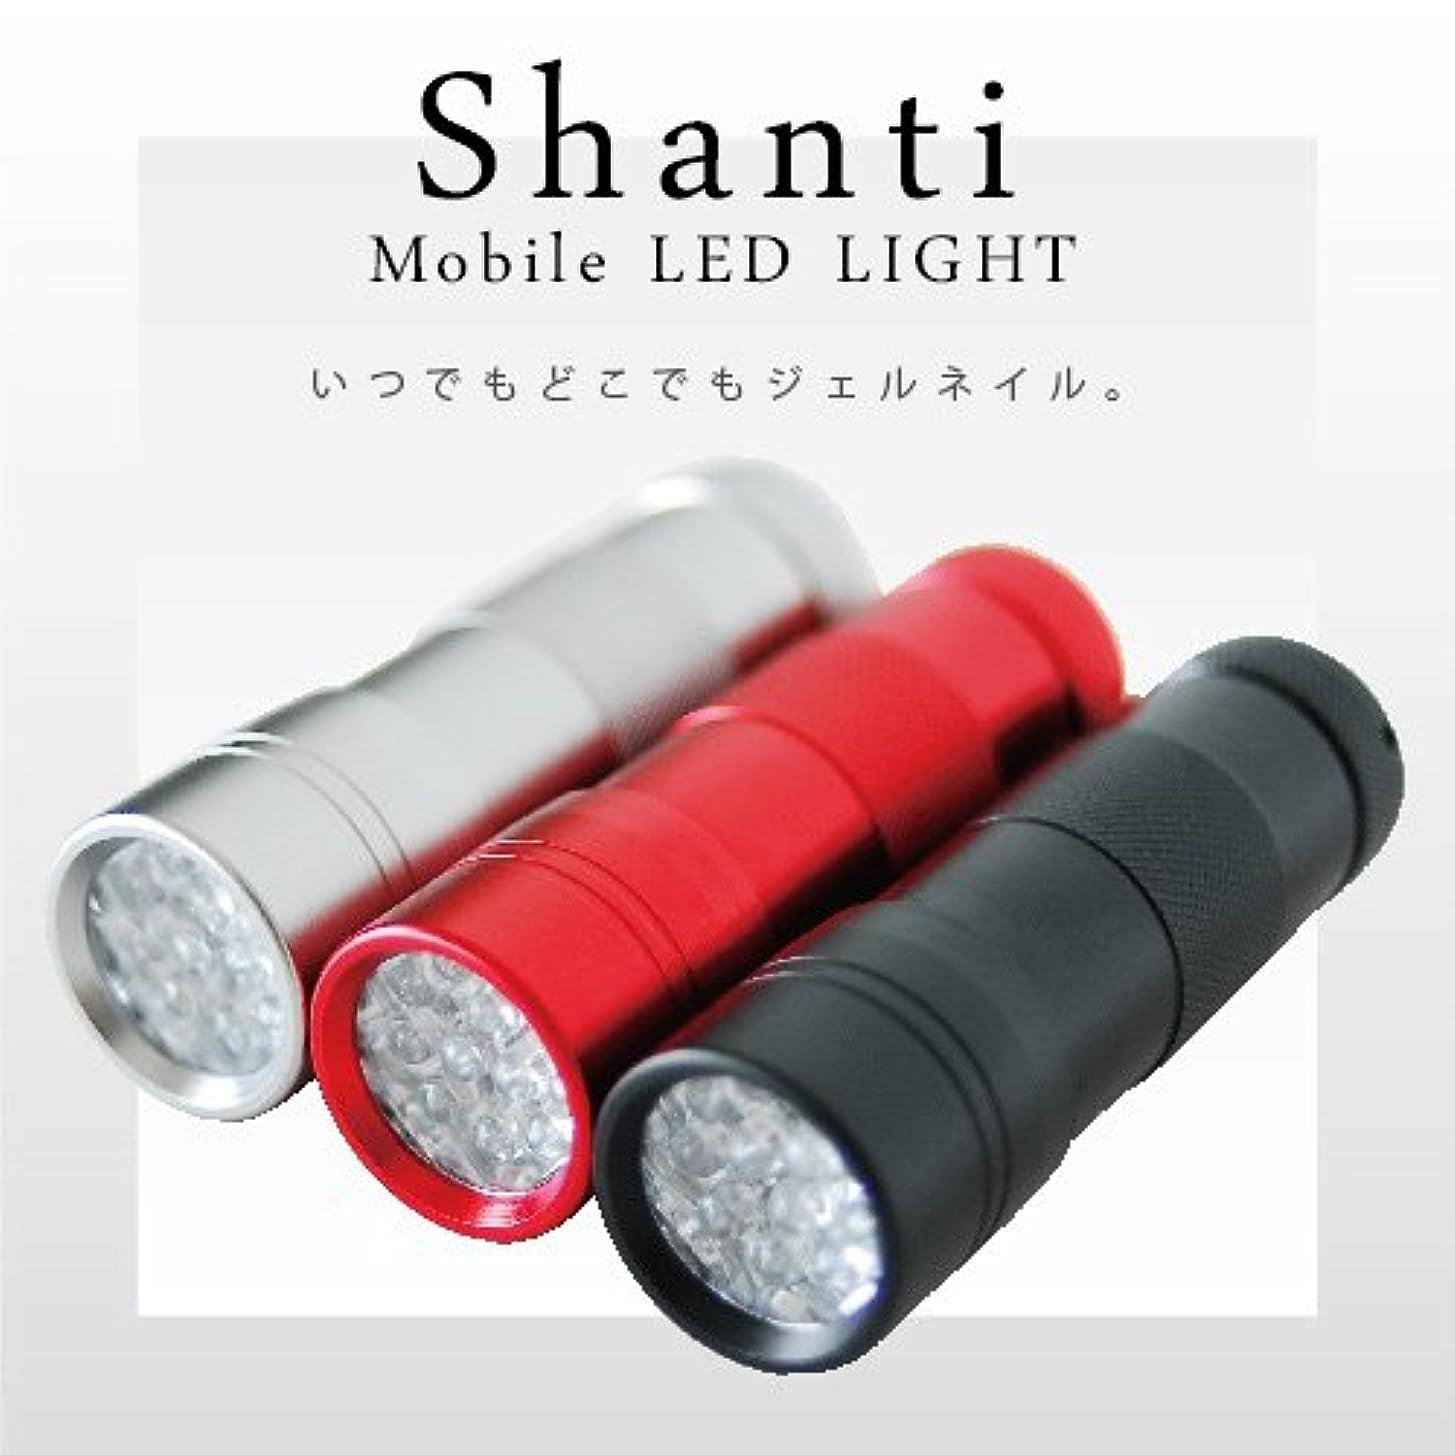 論争差別的着るジェルネイル用UVライト ペン型LEDライト Shanti Mobile LED ペン型ポータブルLEDライト カラー:シルバー  携帯用ハンドライト